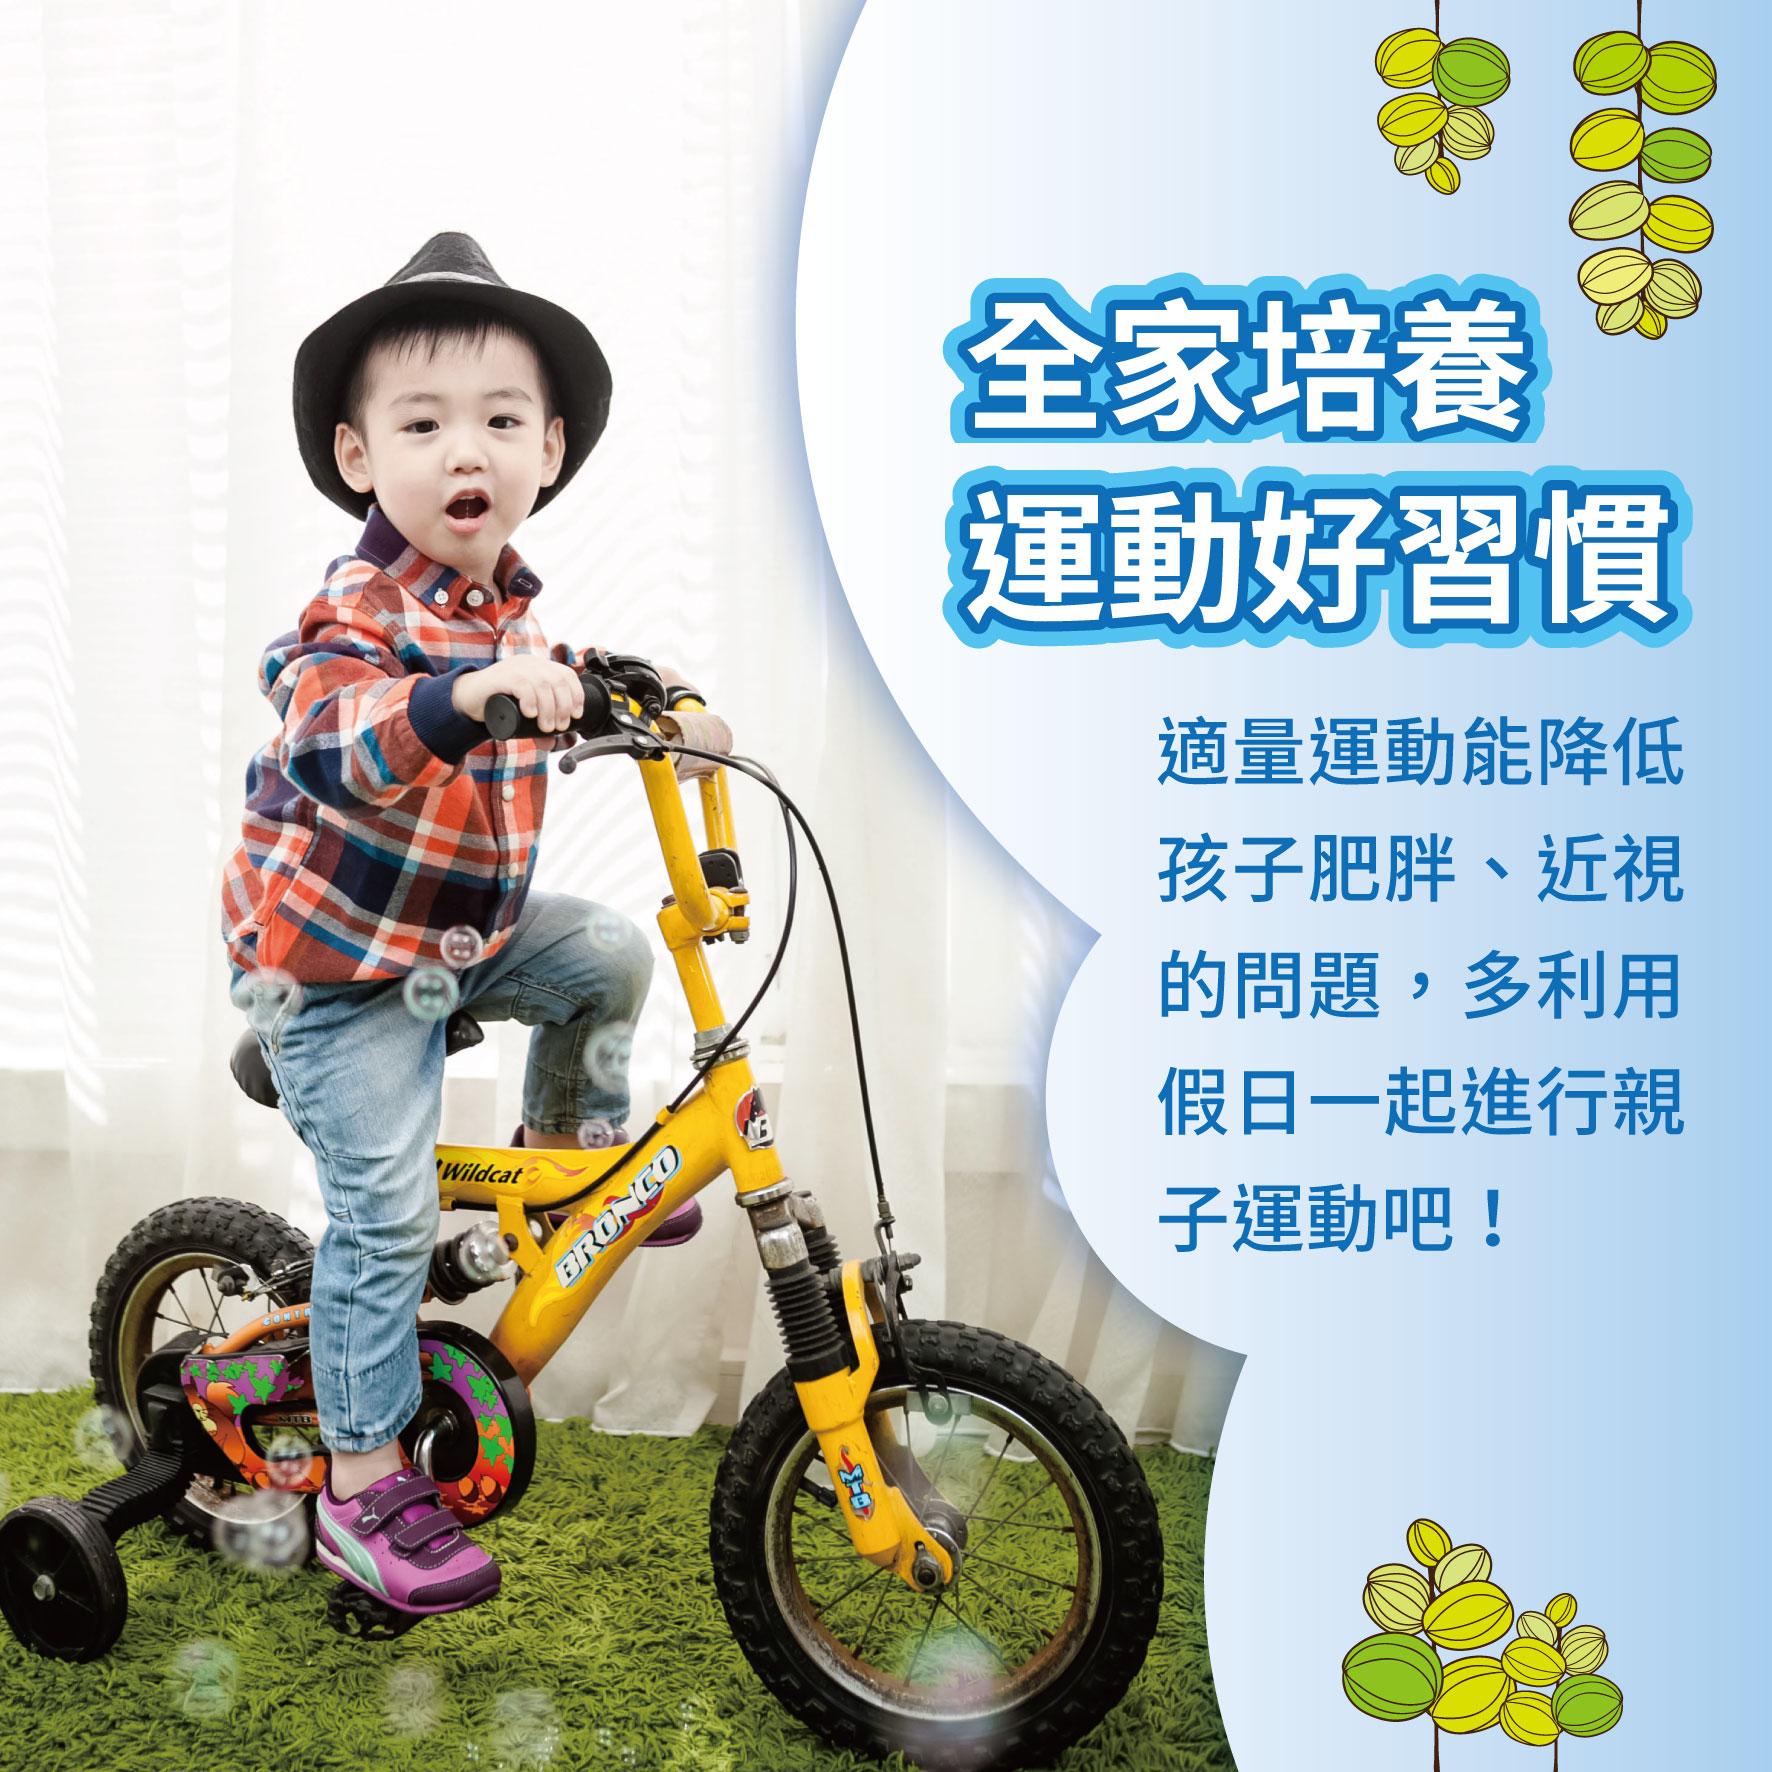 幼兒6歲(第18週)全家培養運動好習慣